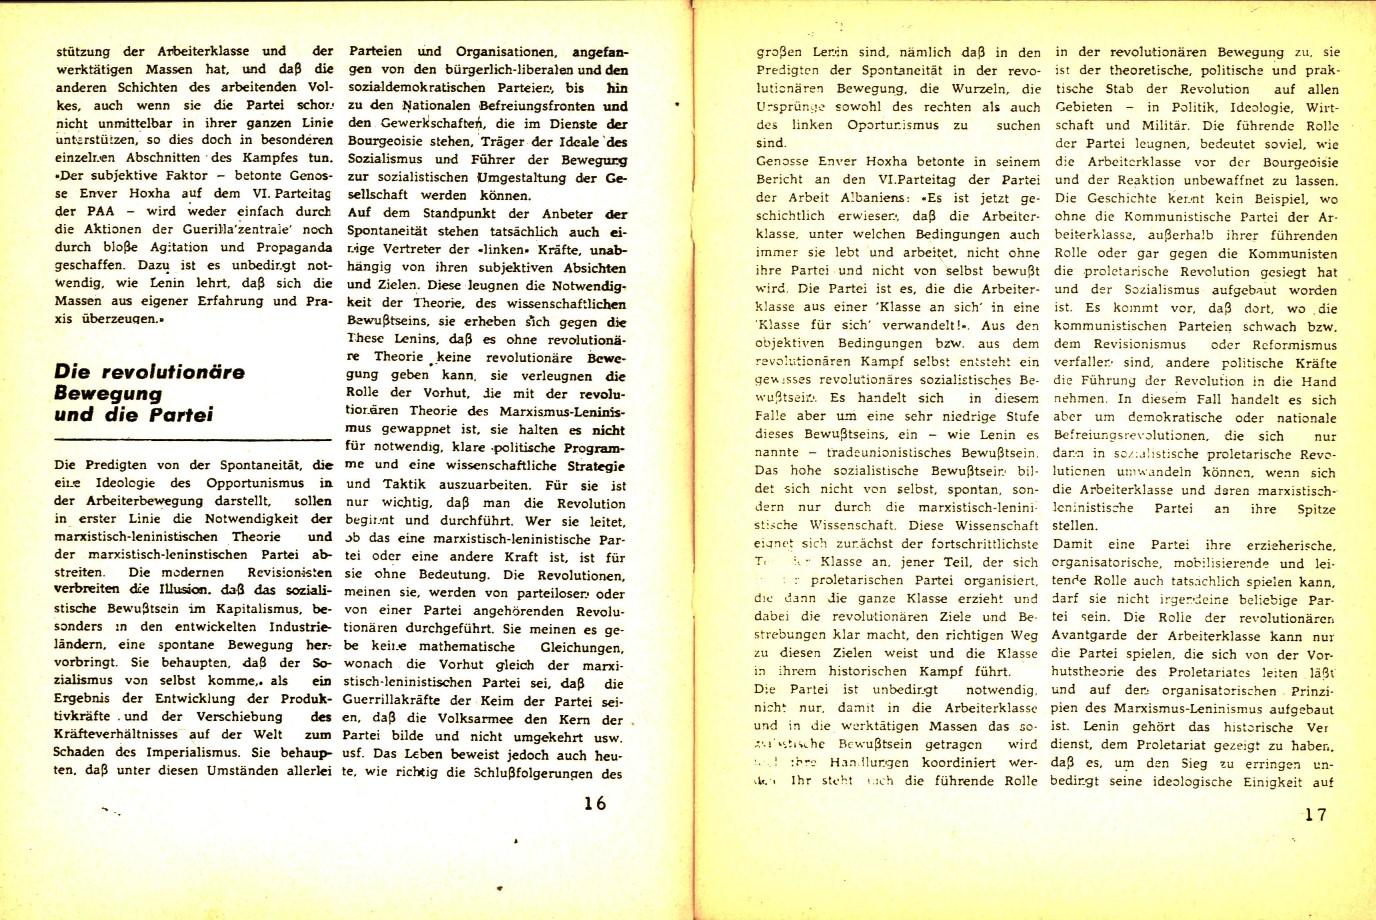 KPDAO_1974_30_Jahre_Befreiung_Albaniens_09